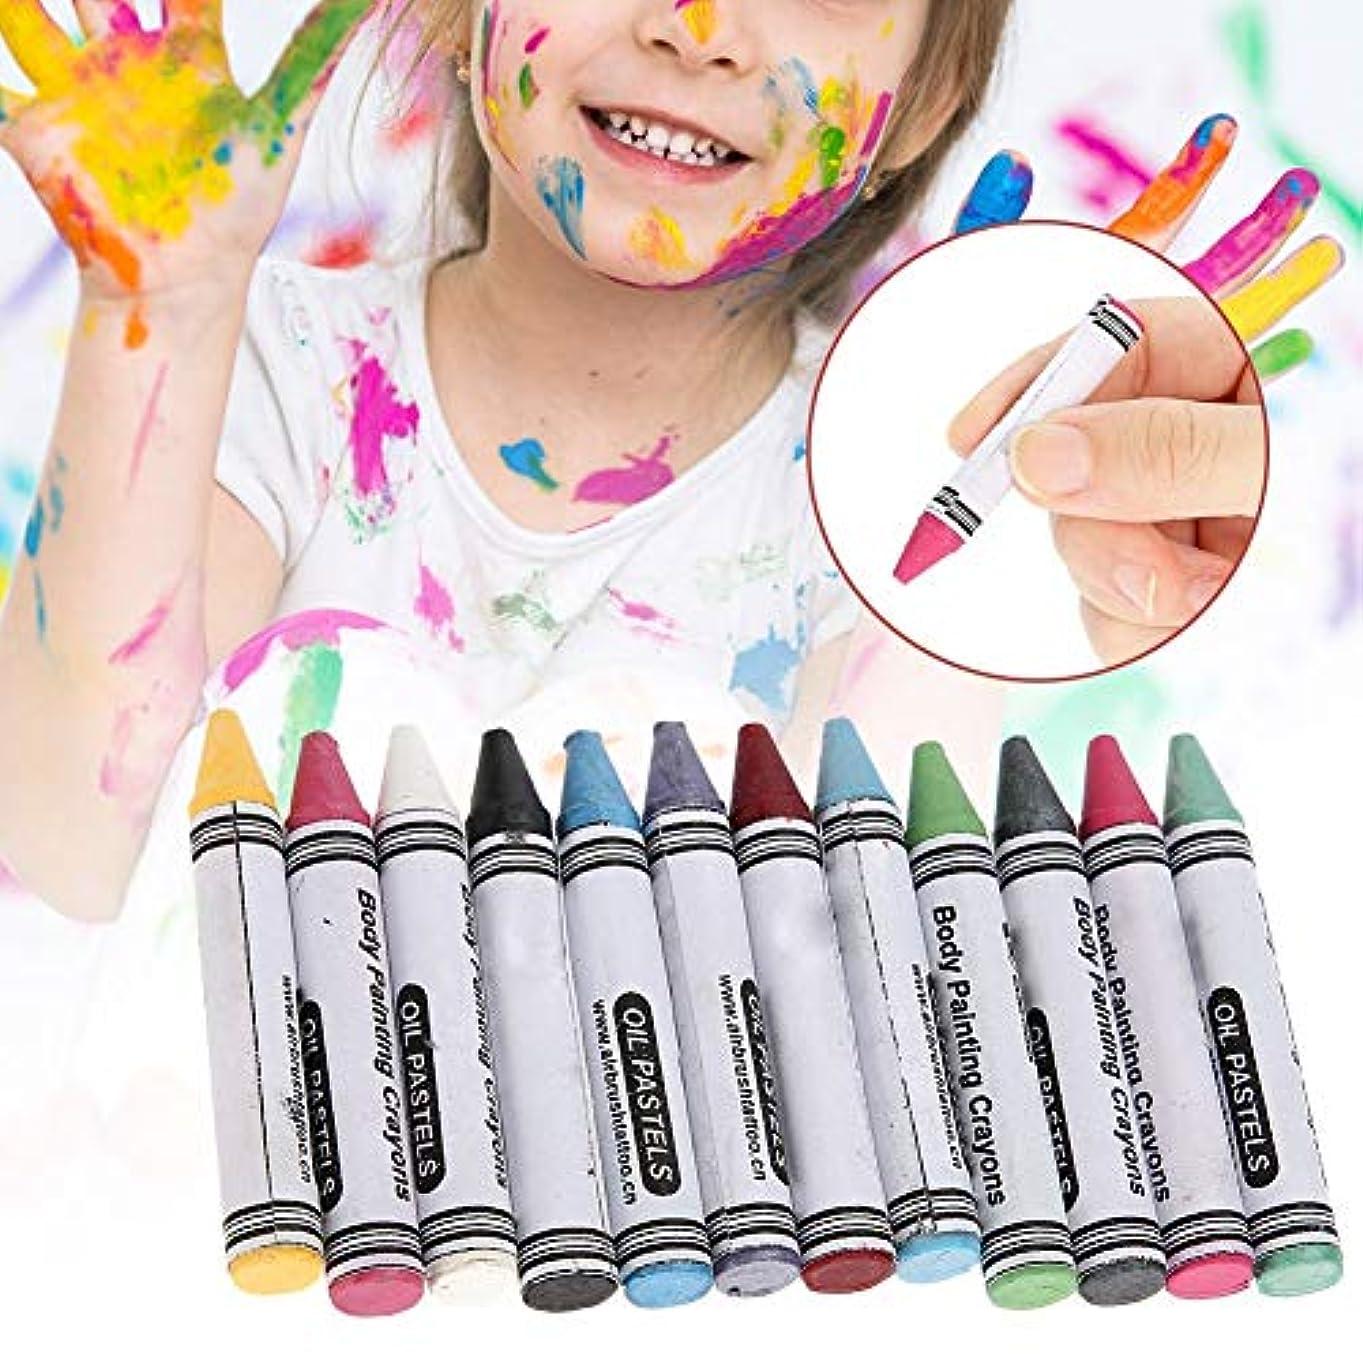 ワイドジャーナル海峡12色 人体の彩絵クレヨン、パーティー祝日 子供用 環境保護 プレゼント